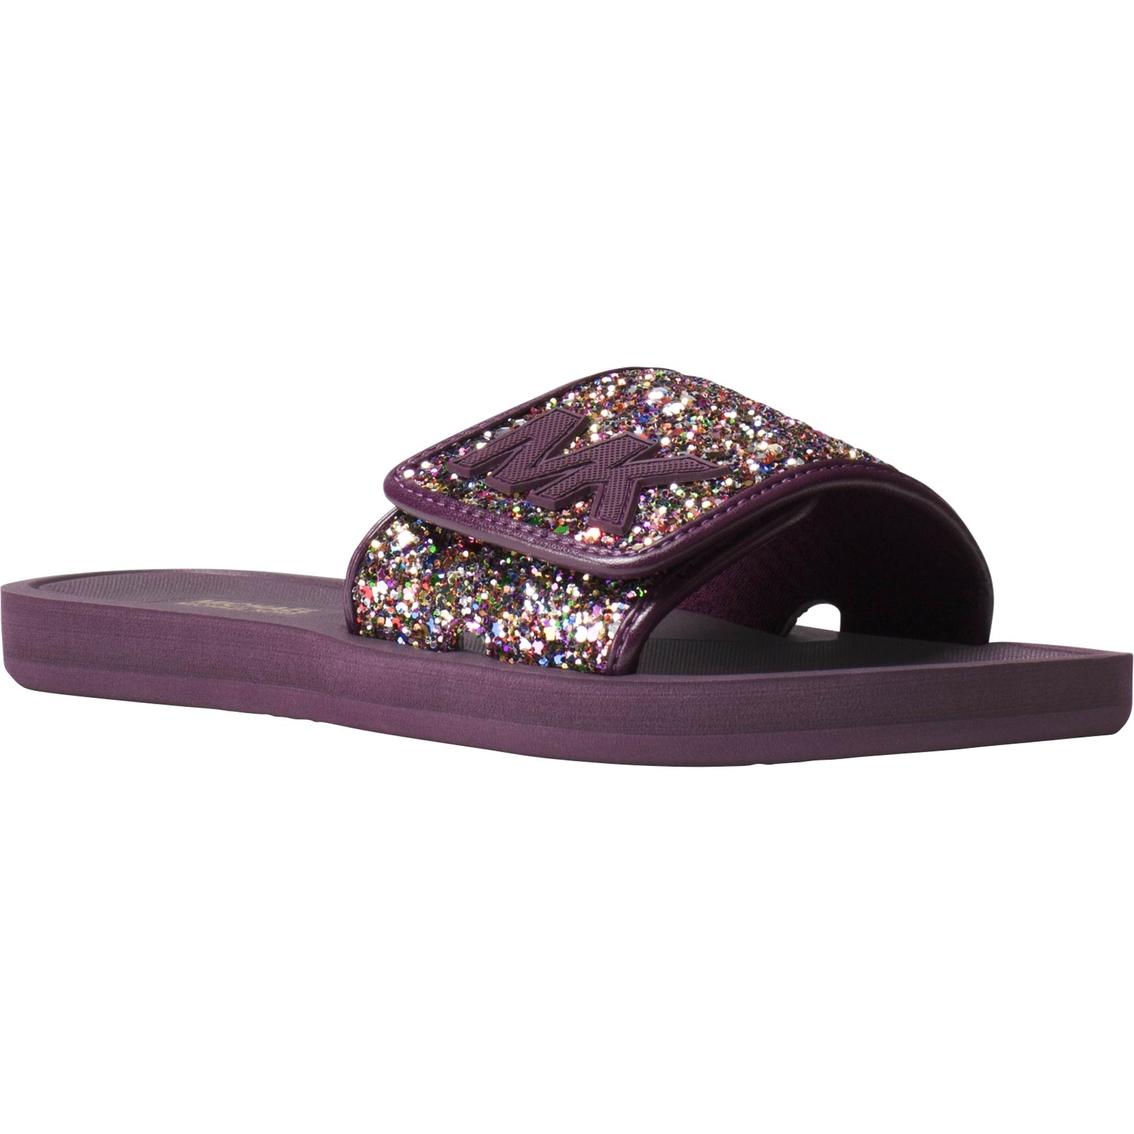 2b20bc8e22ff Michael Kors Mk Chunky Glitter Slides